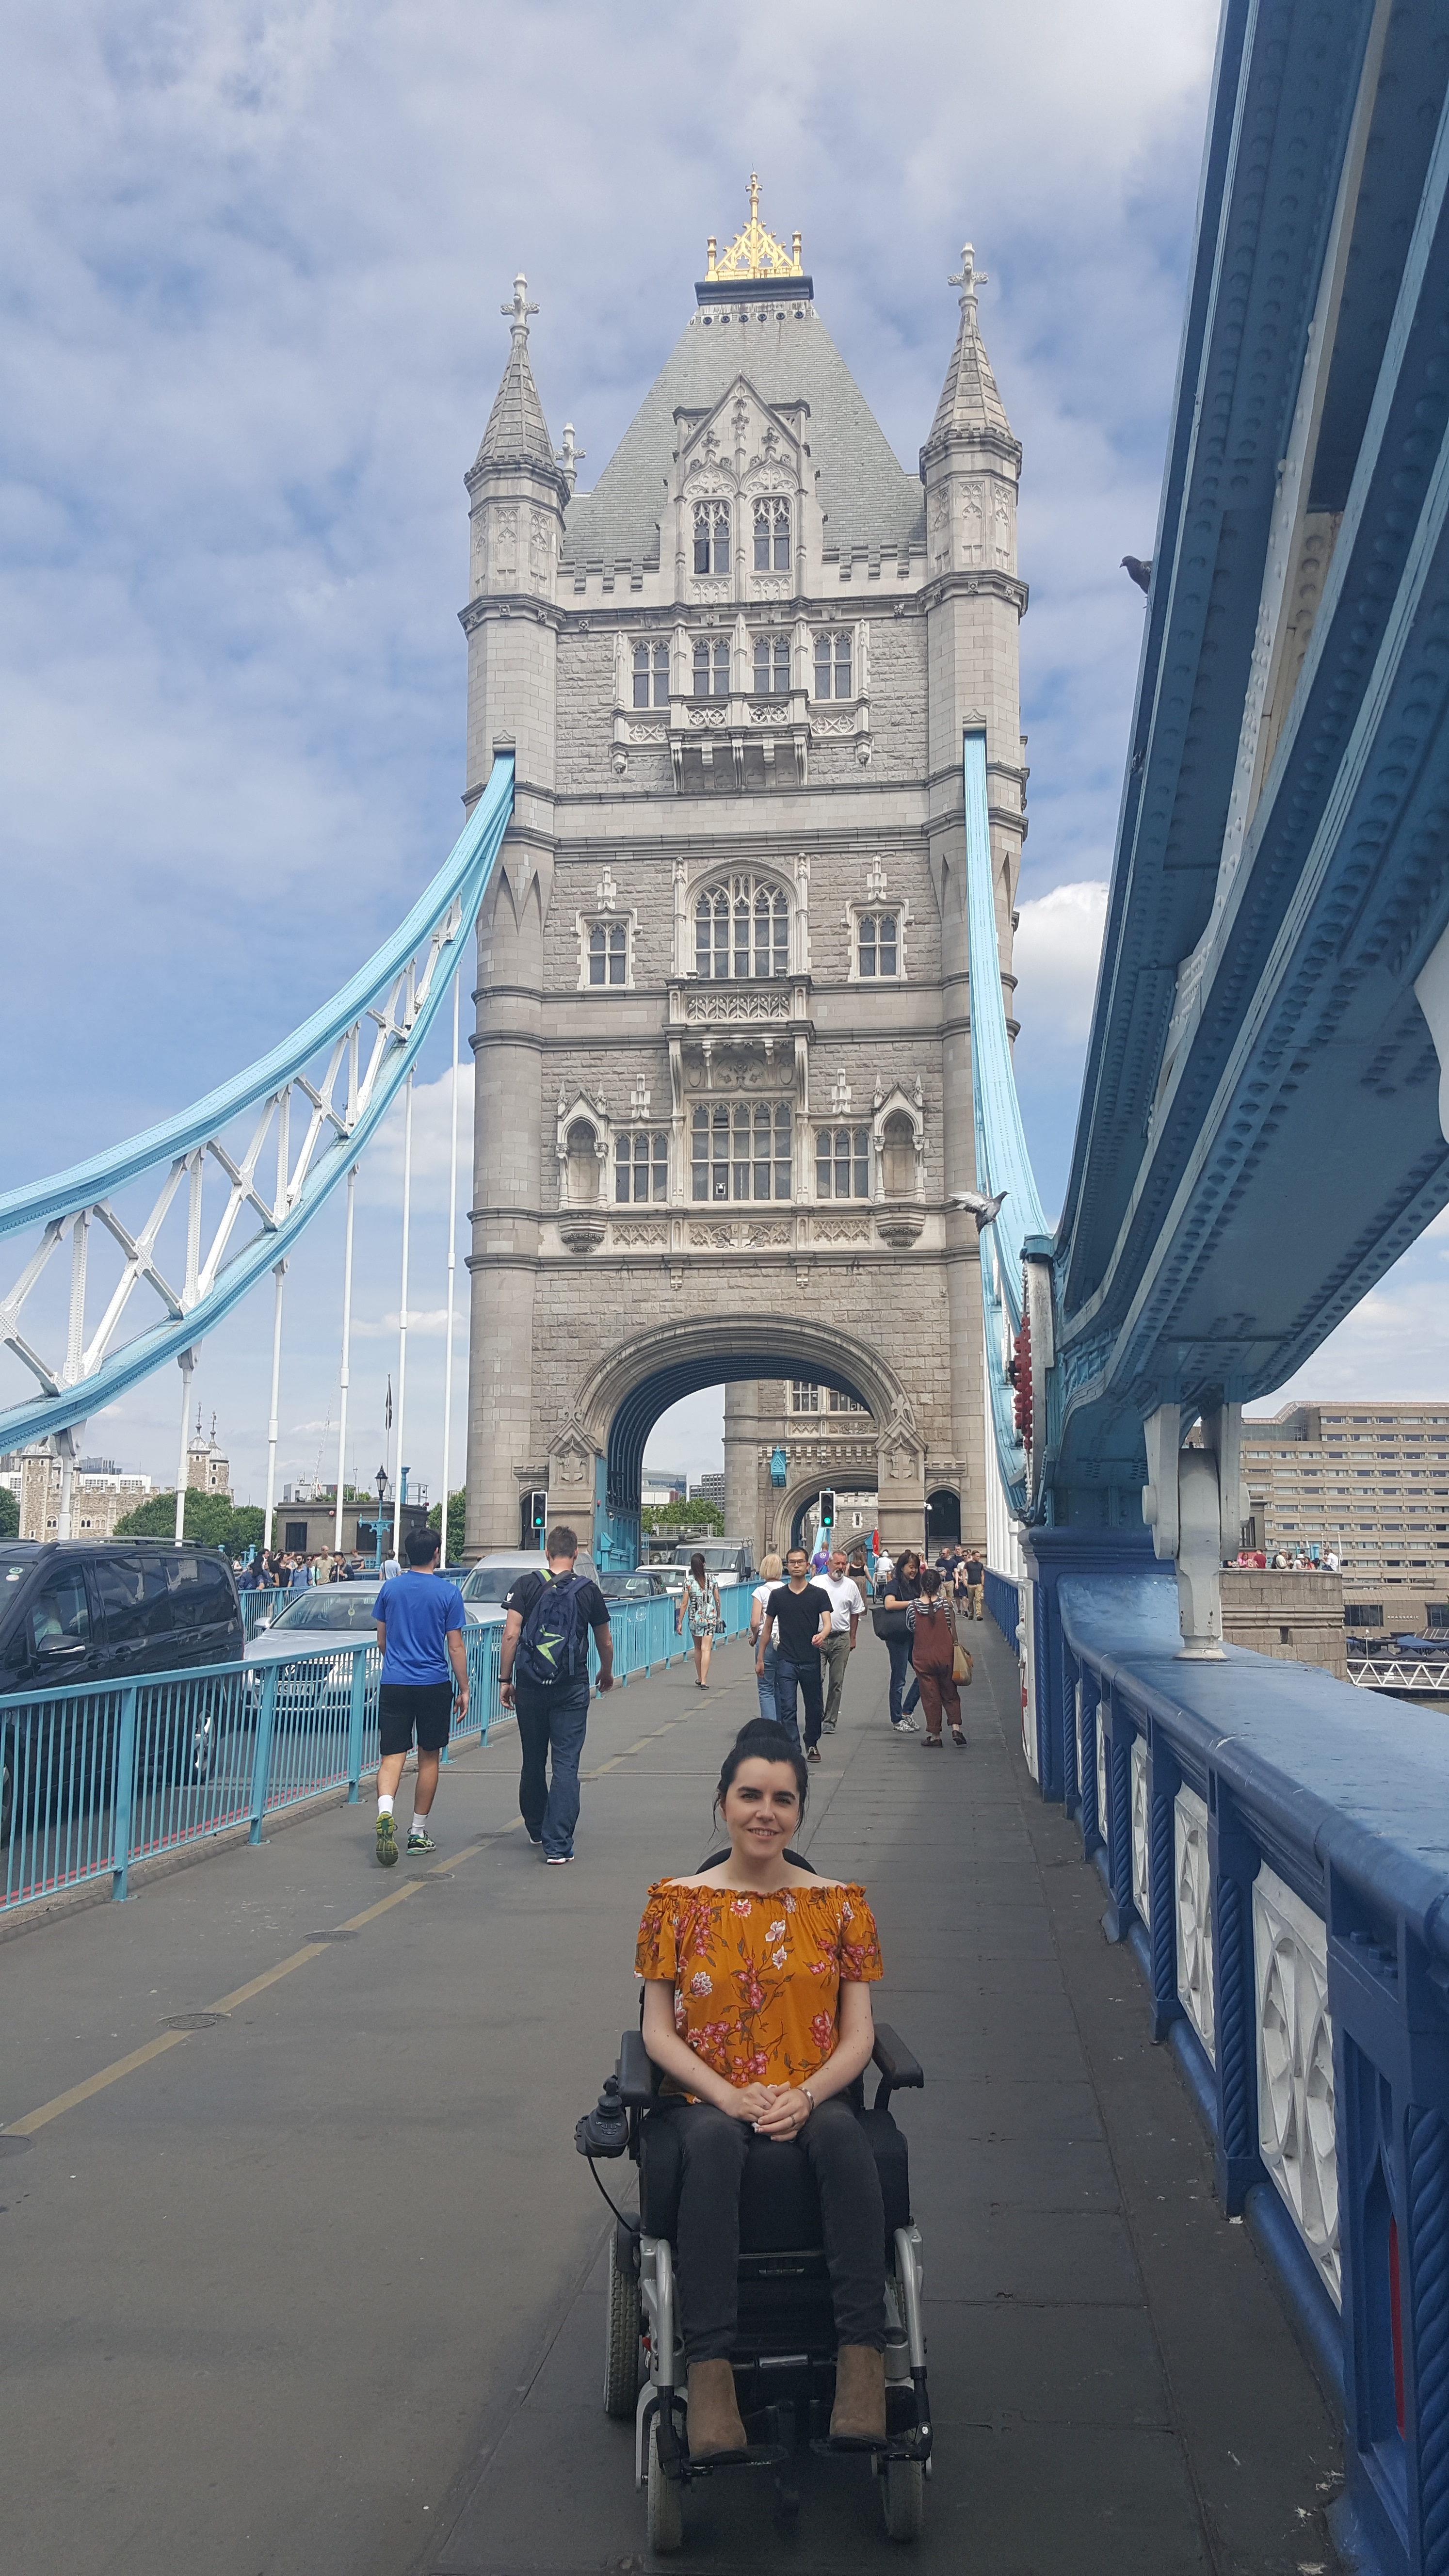 London-photo-diary-tower-bridge-wheelchair-access